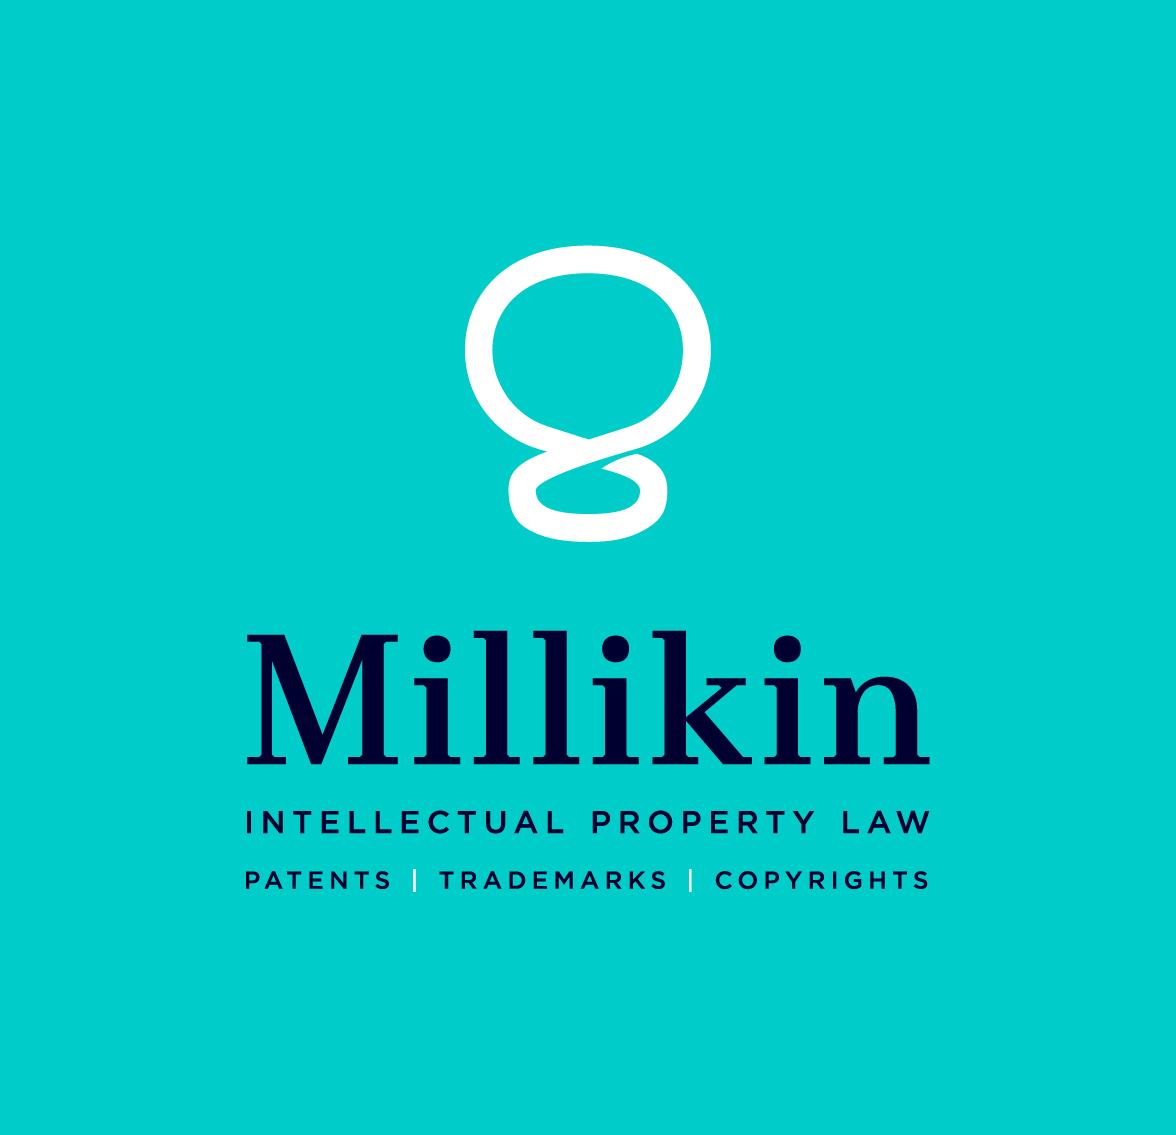 Millikin Intellectual Property Law PLLC. logo